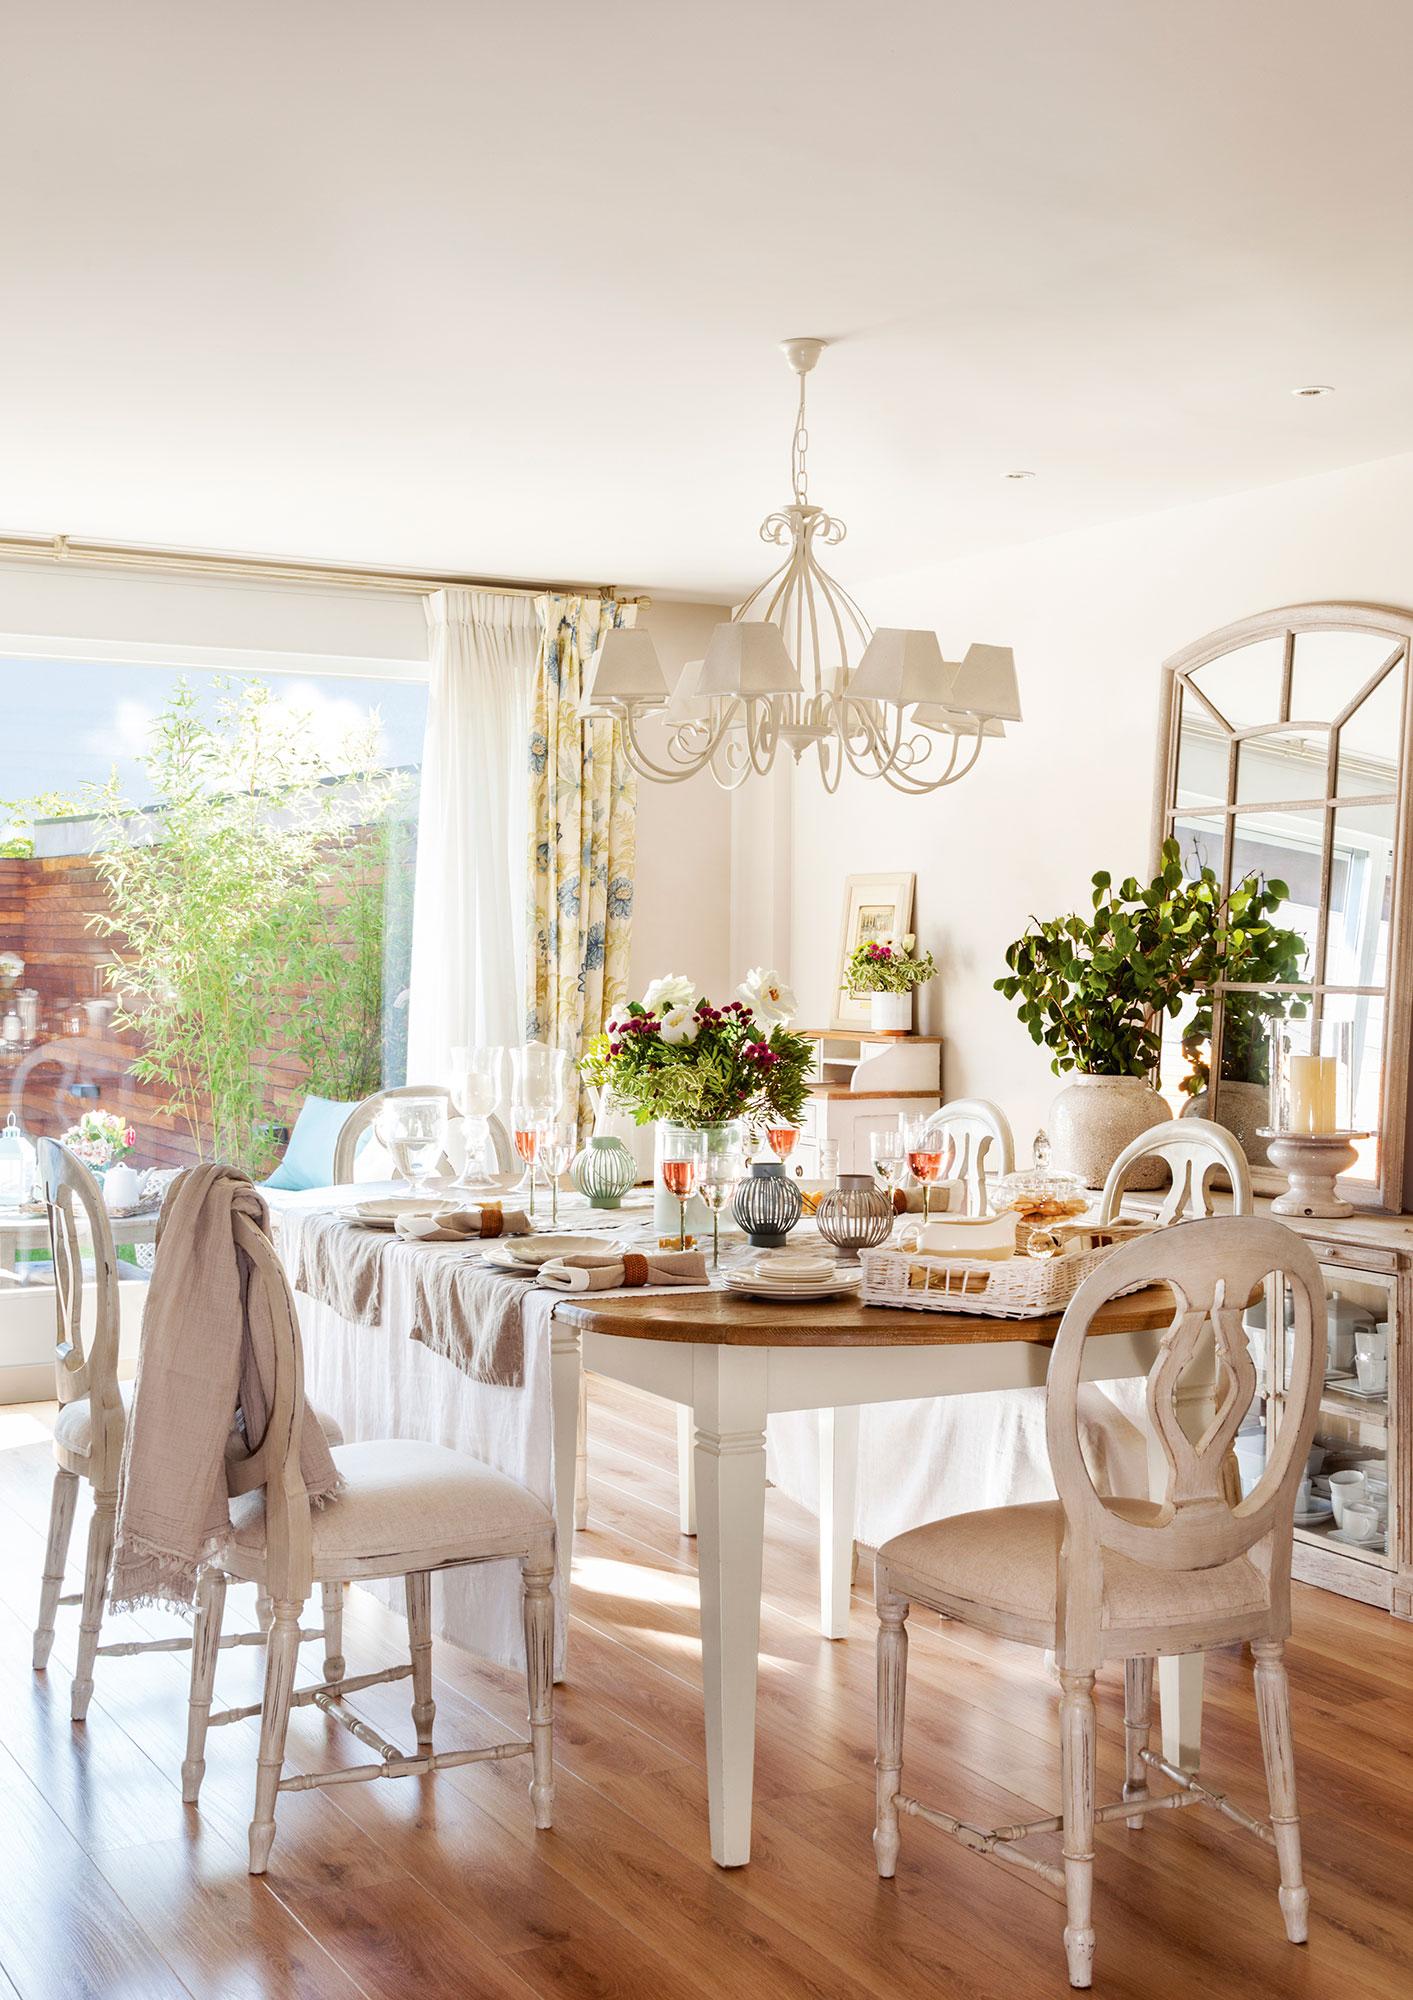 0 luxury el corte ingles mesas comedor - Mesa redonda comedor el corte ingles ...